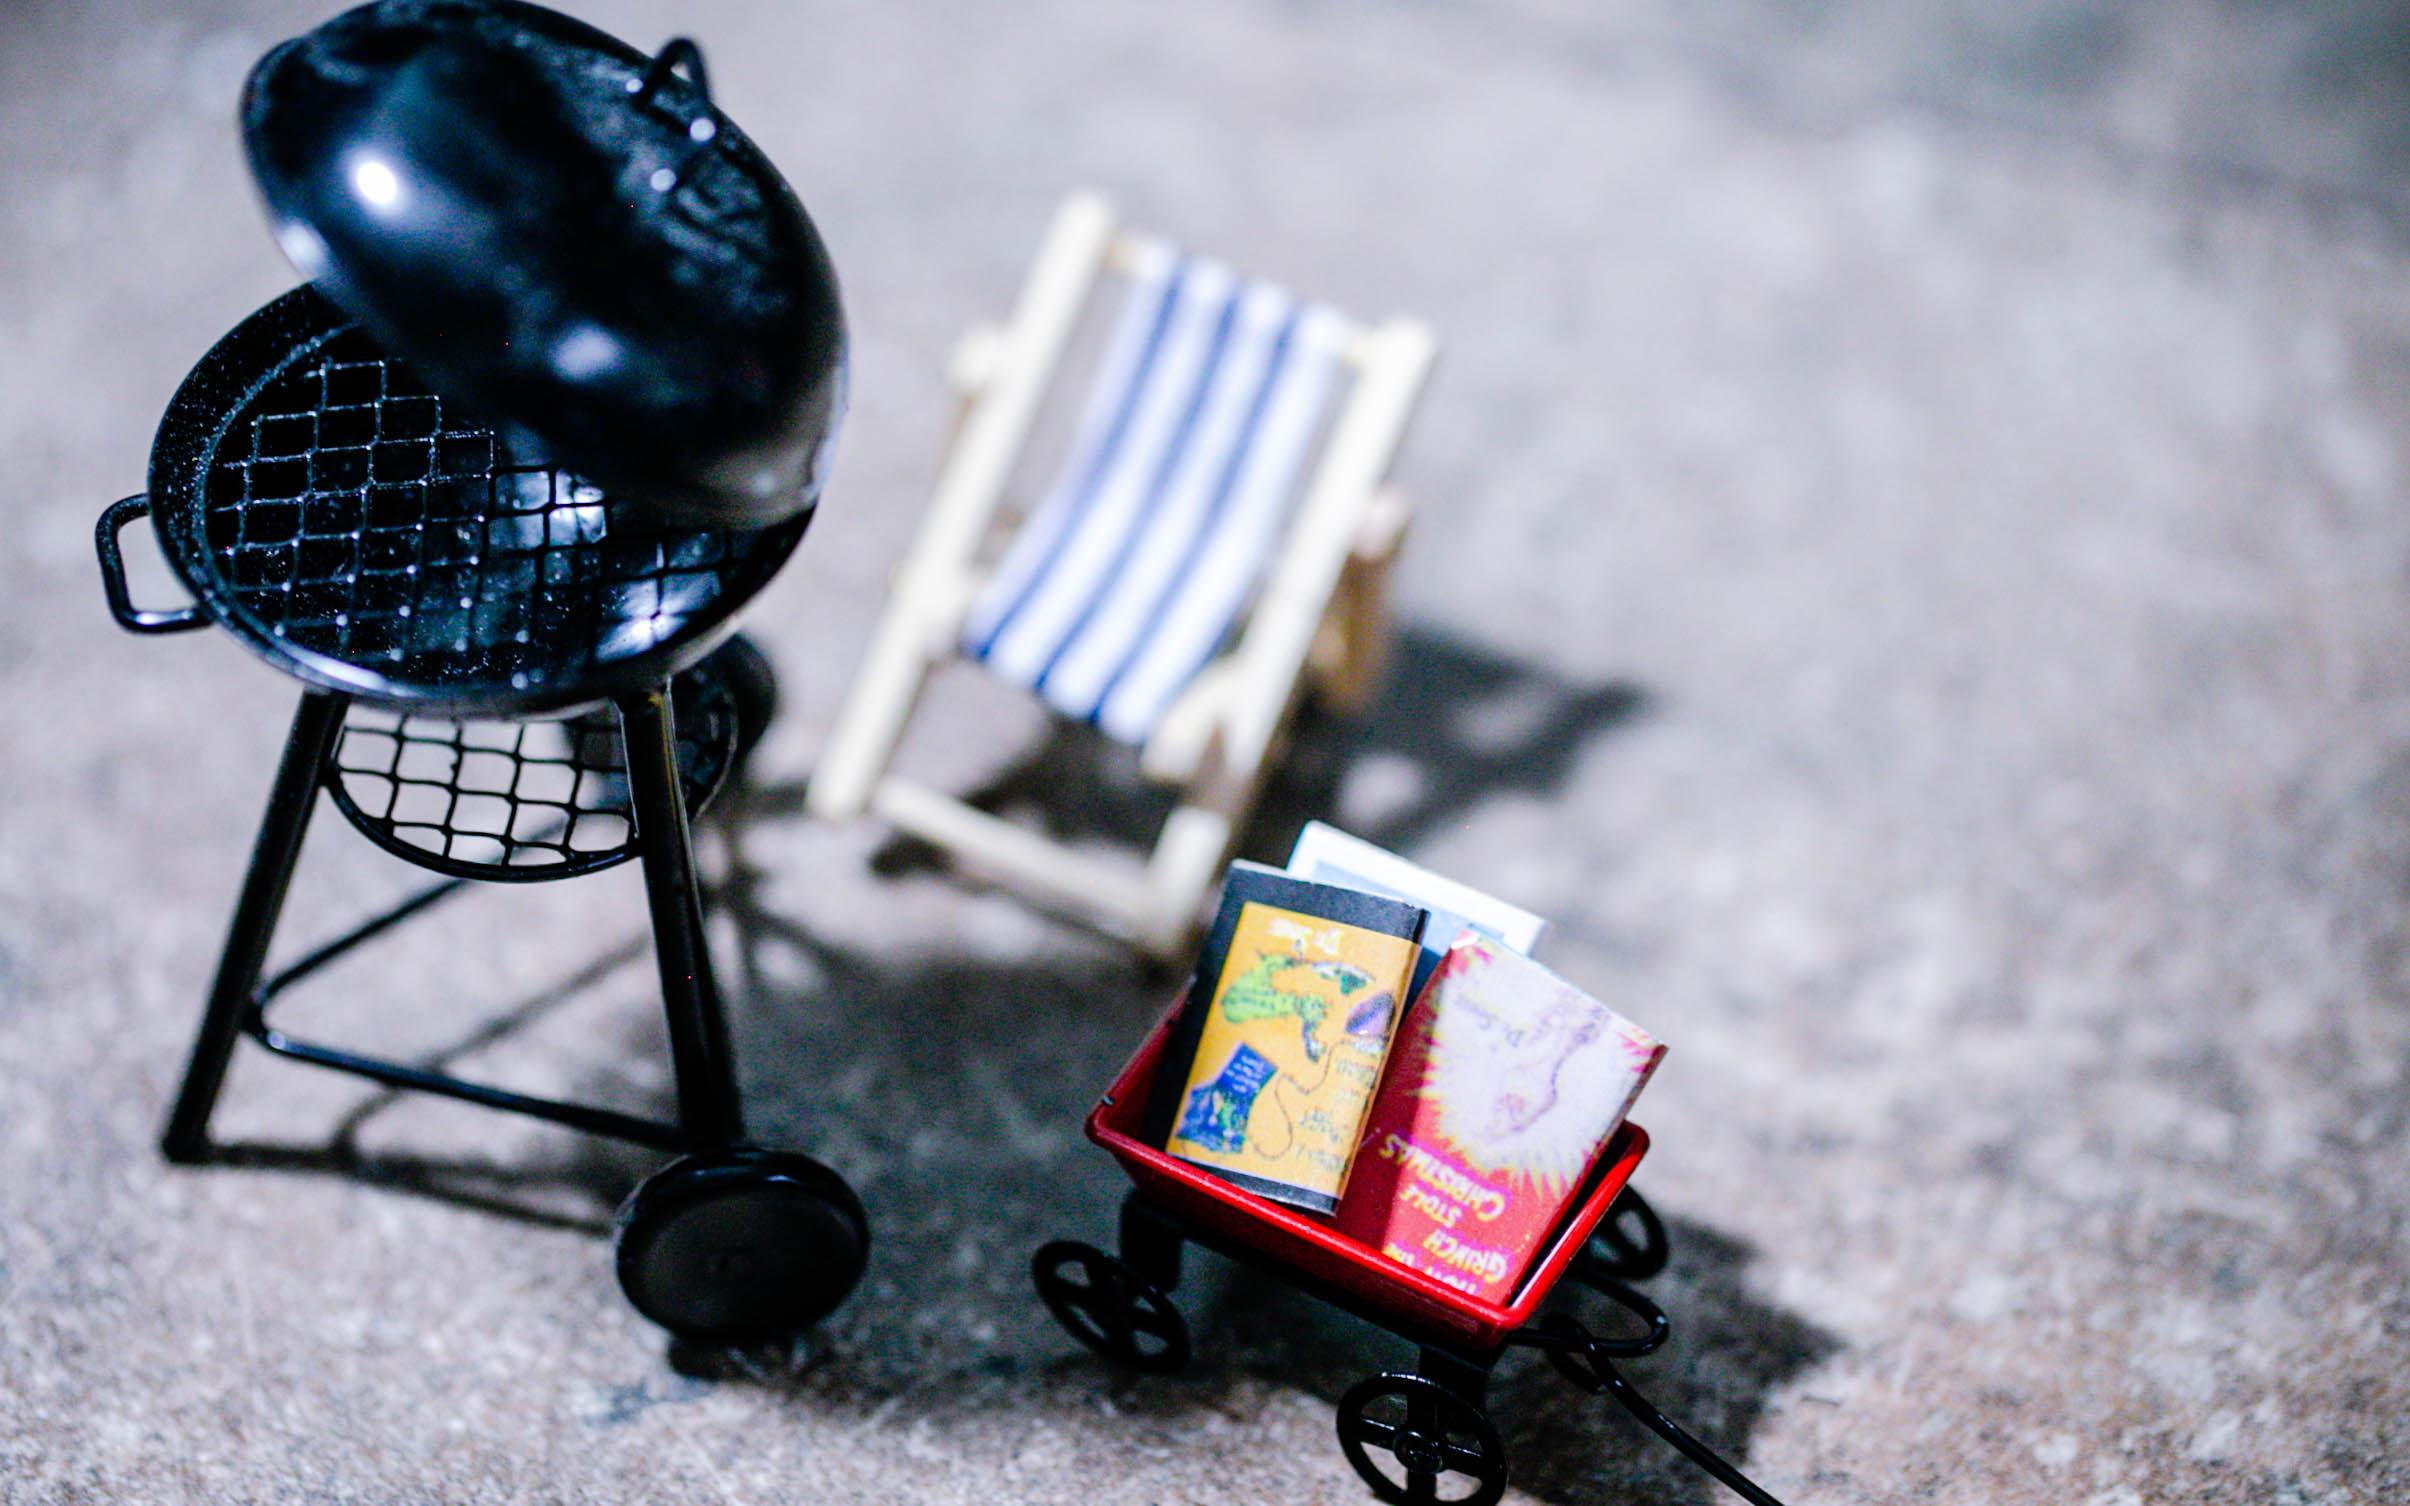 Zubehör für euren Wichtel - Grill, kleiner Karren mit Büchern, Liegestuhl für den Sommer